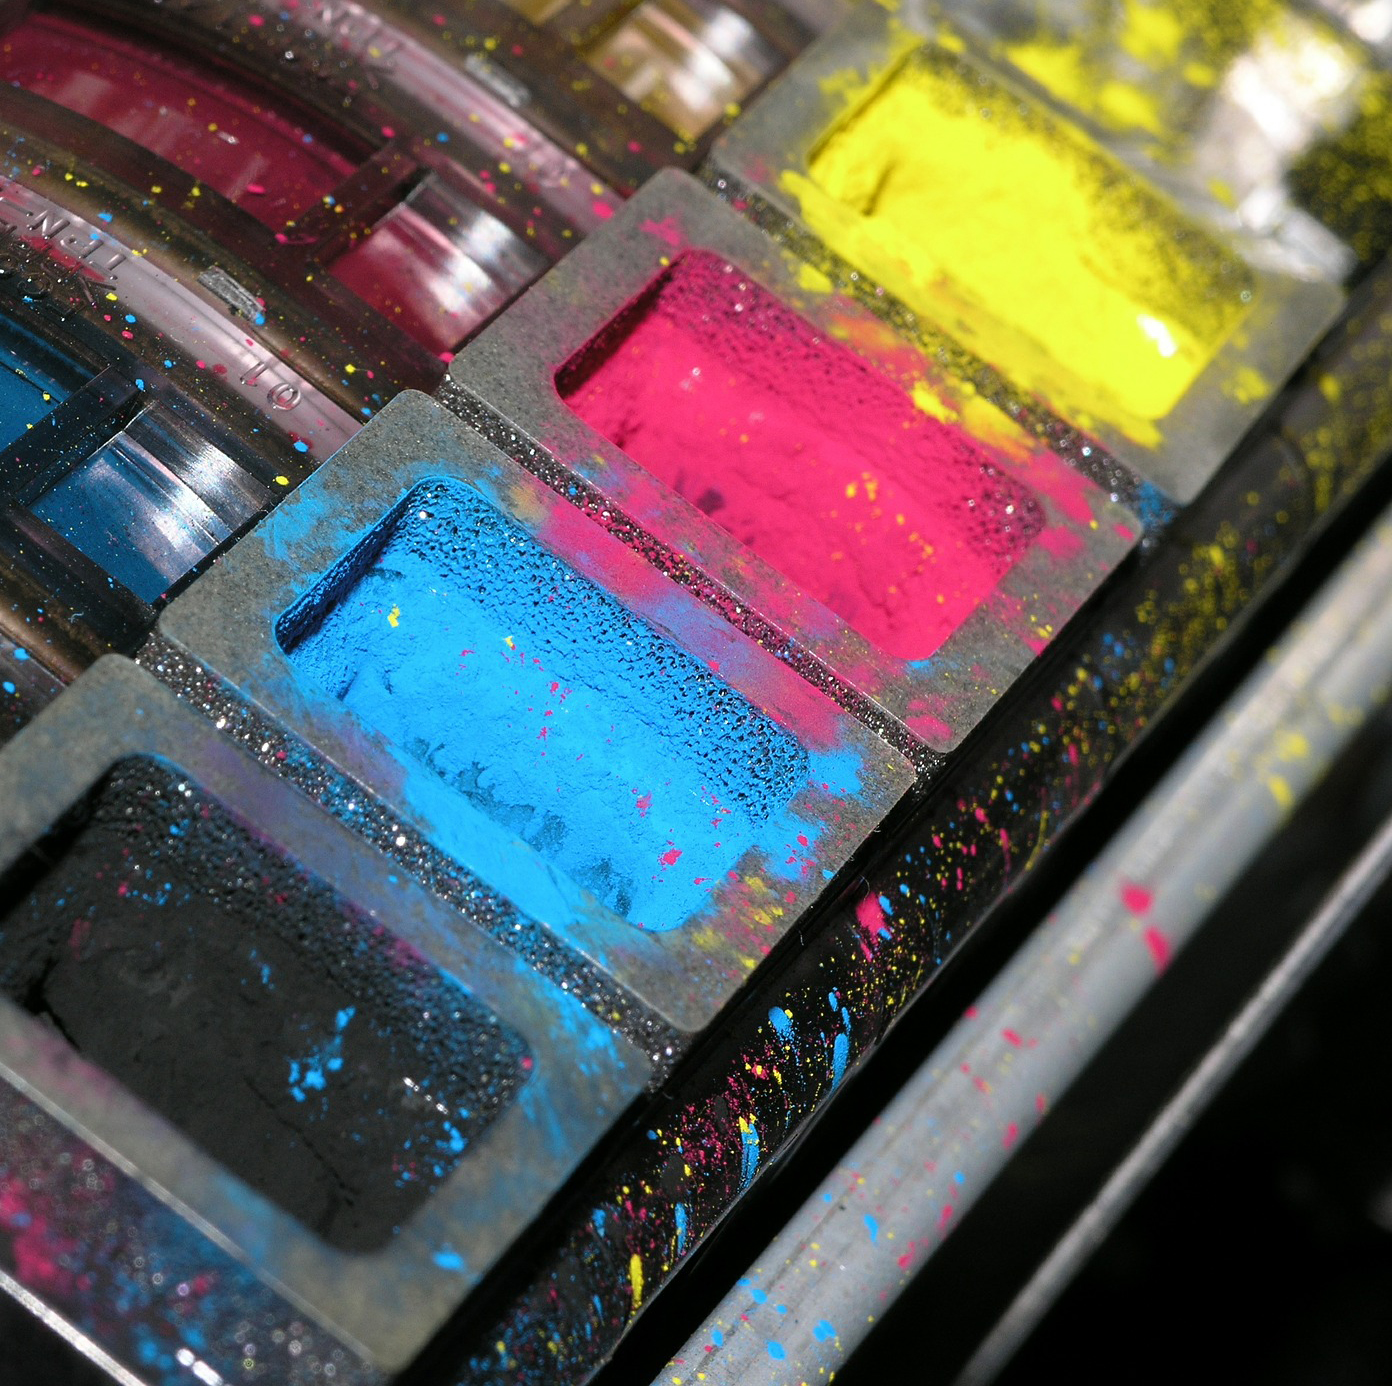 fotocopiadora multifuncional a4 laser